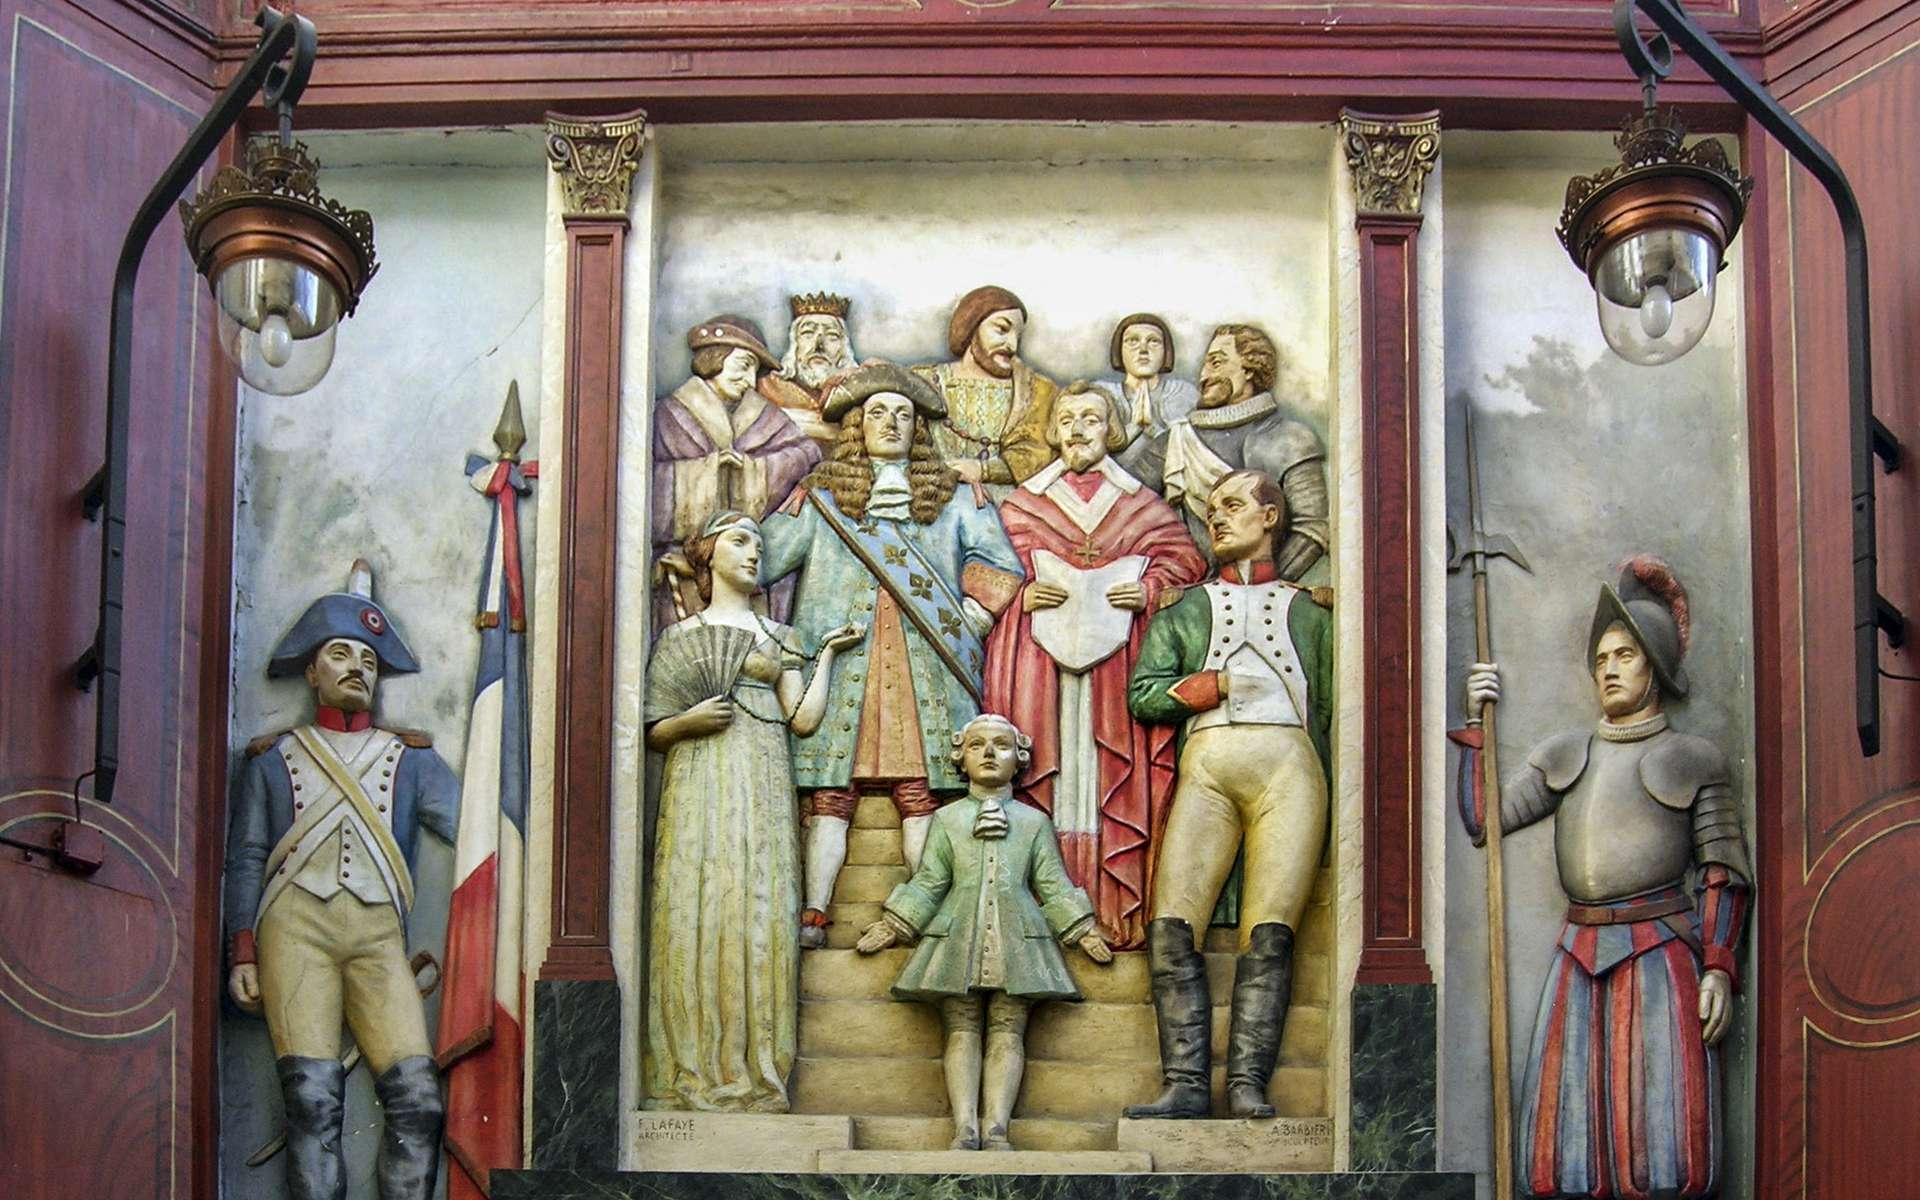 Le musée Grévin à Paris est la propriété de la Compagnie des Alpes, qui détient aussi le parc Astérix et qui souhaite implanter des musées en Europe, en Asie et au Canada. Par le passage Jouffroy, l'accès au musée Grévin et le bas-relief d'Alexandre Barbiéri. © Rémy Jouan, Wikimedia Commmons, CC by-sa 3.0